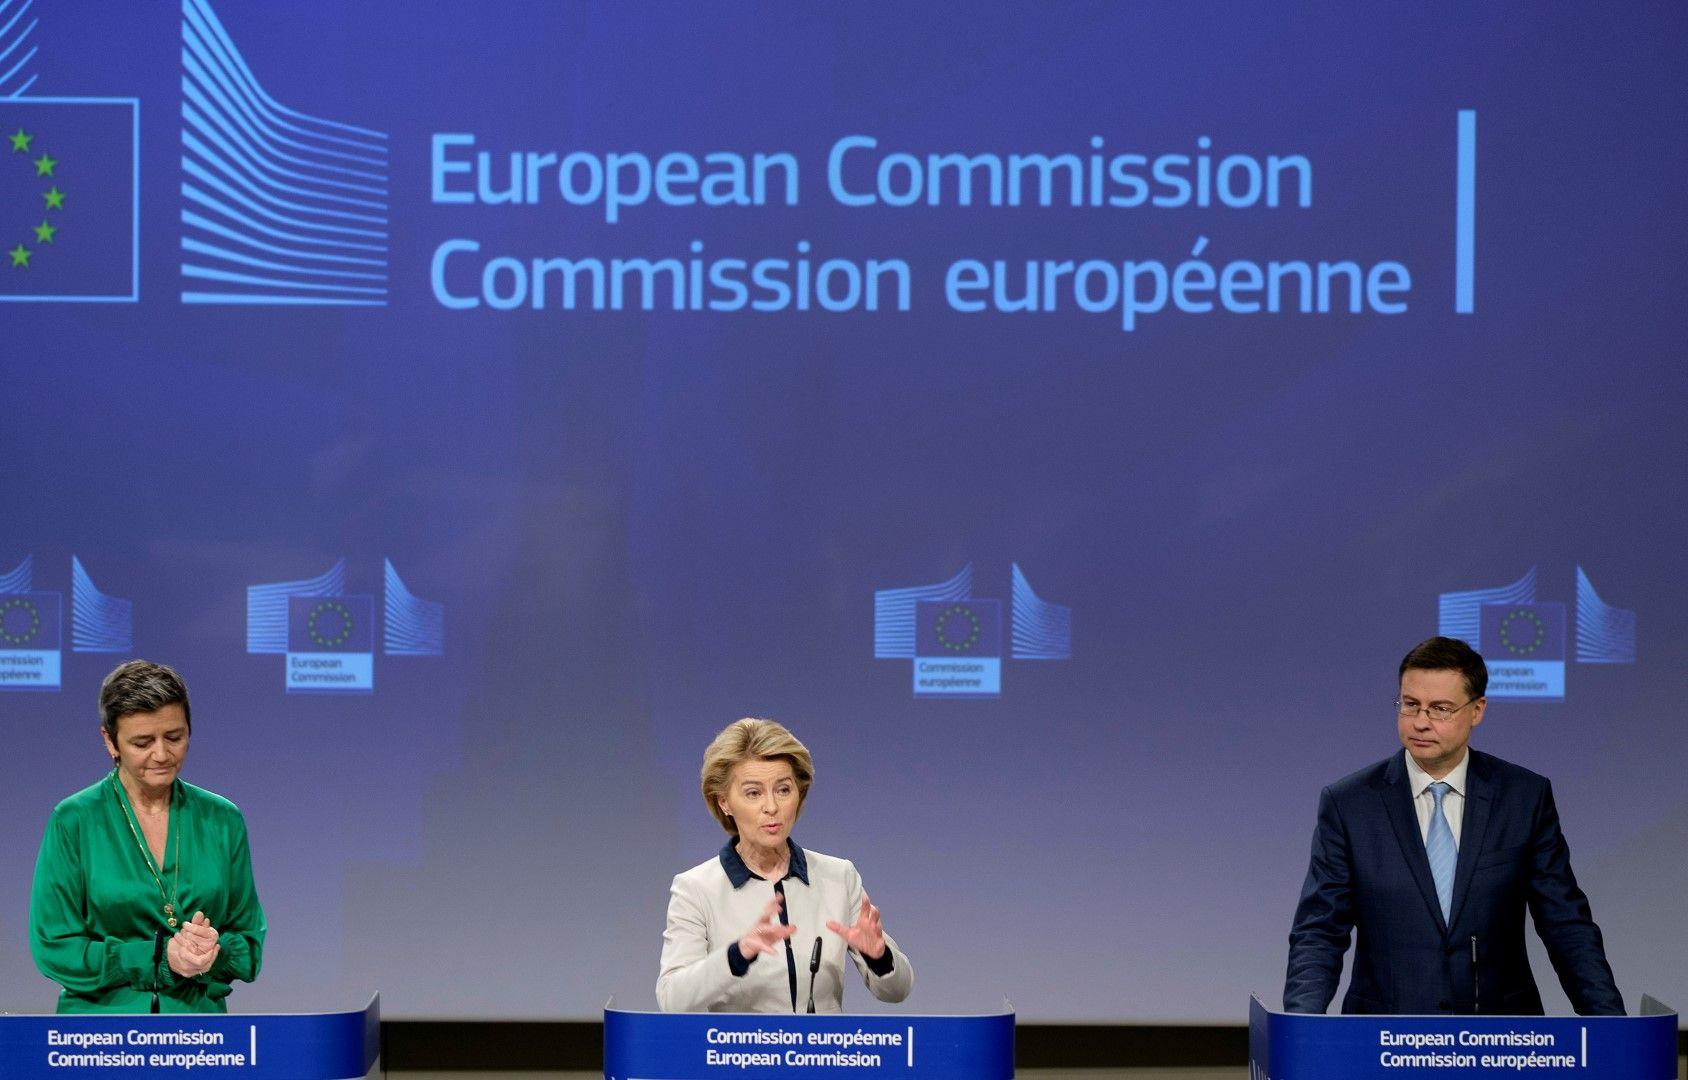 Еврокомисарят по конкуренцията Маргрете Вестагер, Урсула фон дер Лайен и заместник-председателят на ЕК Валдис Домбровскис обявяват мерките на Еврокомисията